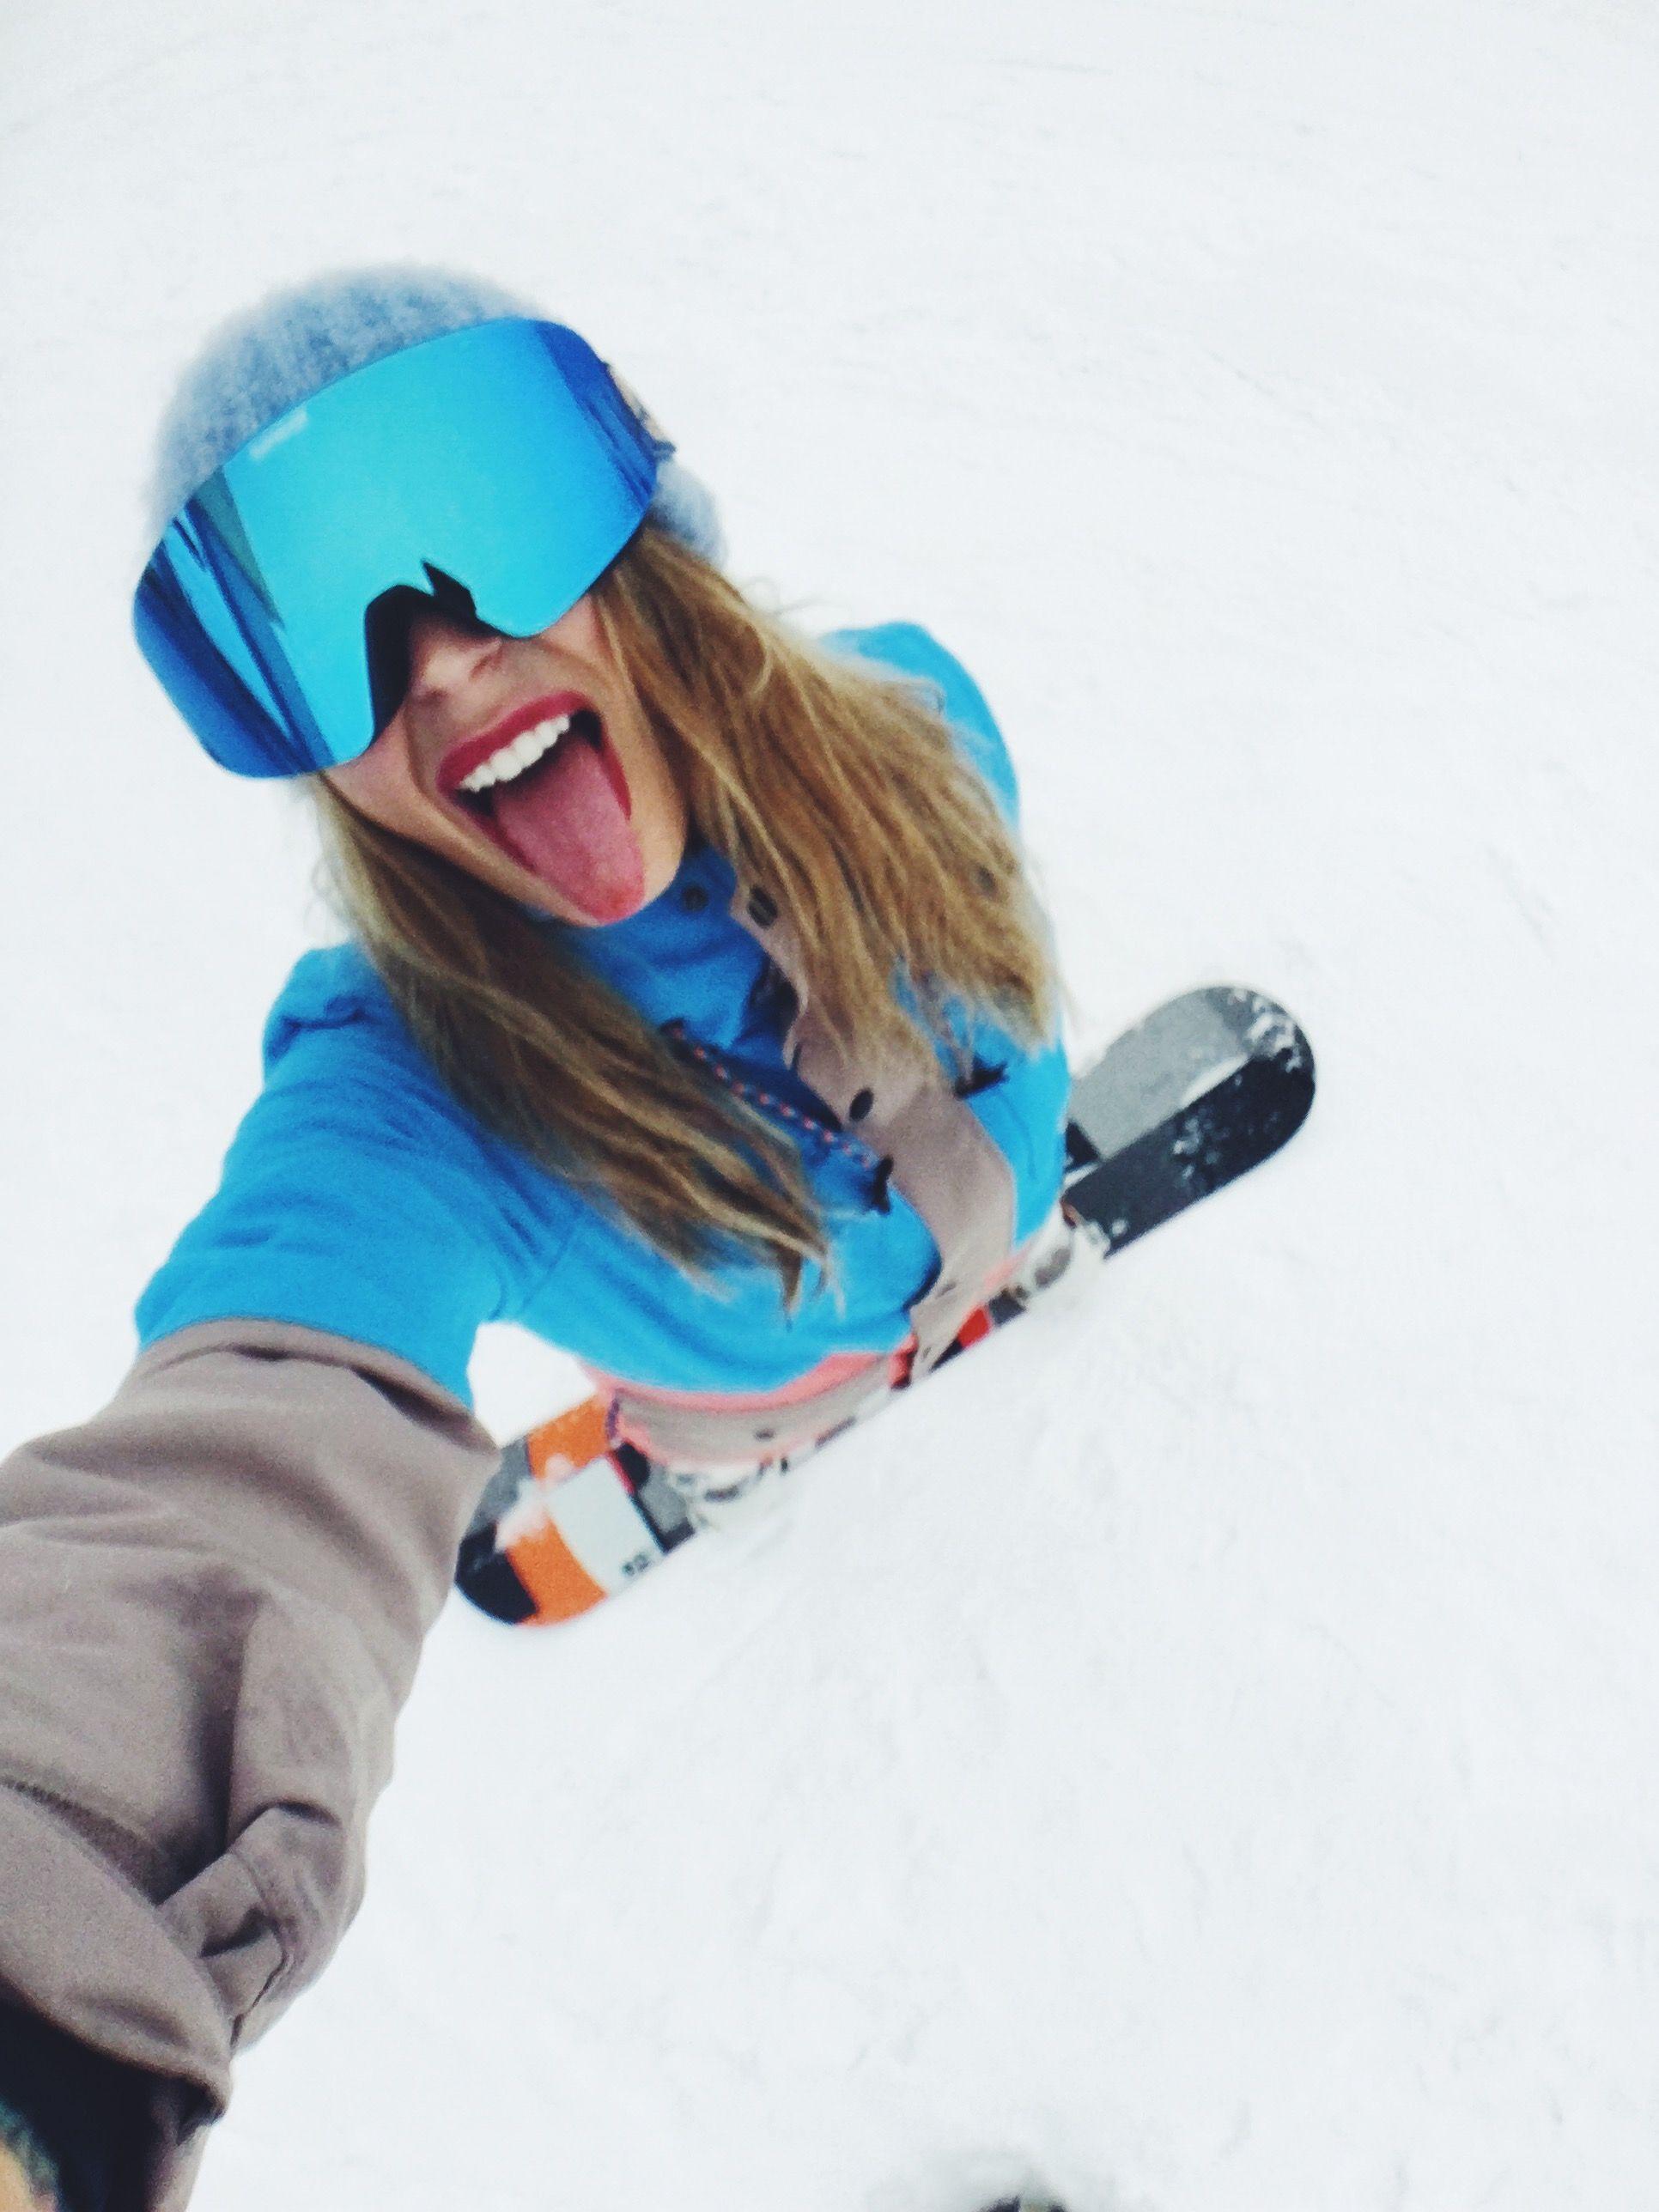 Картинки сноубордиста девушки, про декретный